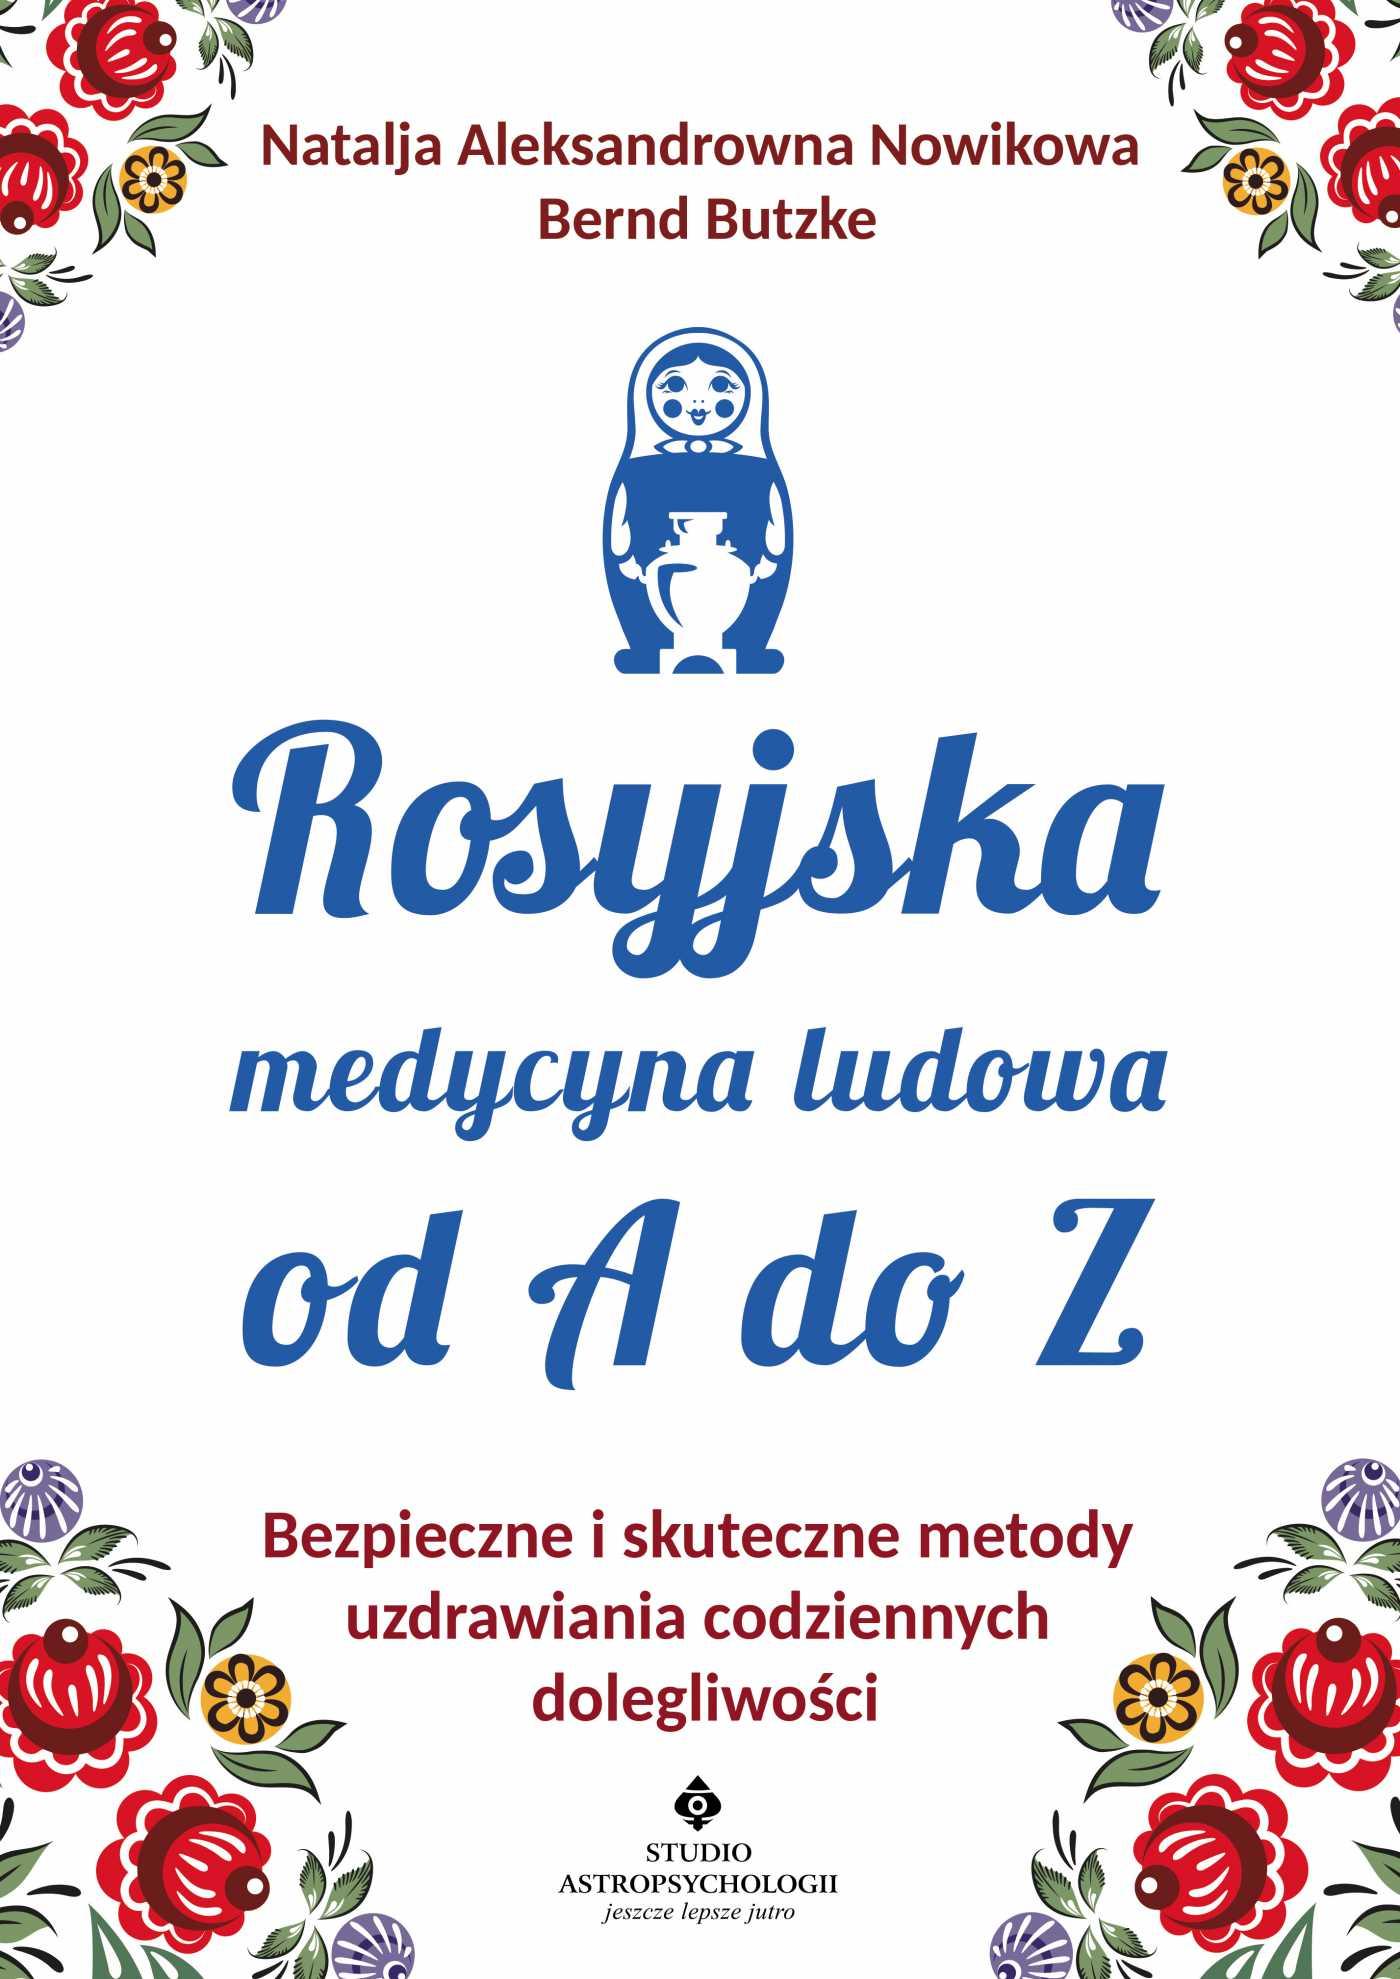 Rosyjska medycyna ludowa do A do Z. Bezpieczne i skuteczne metody uzdrawiania codziennych dolegliwości - Ebook (Książka EPUB) do pobrania w formacie EPUB